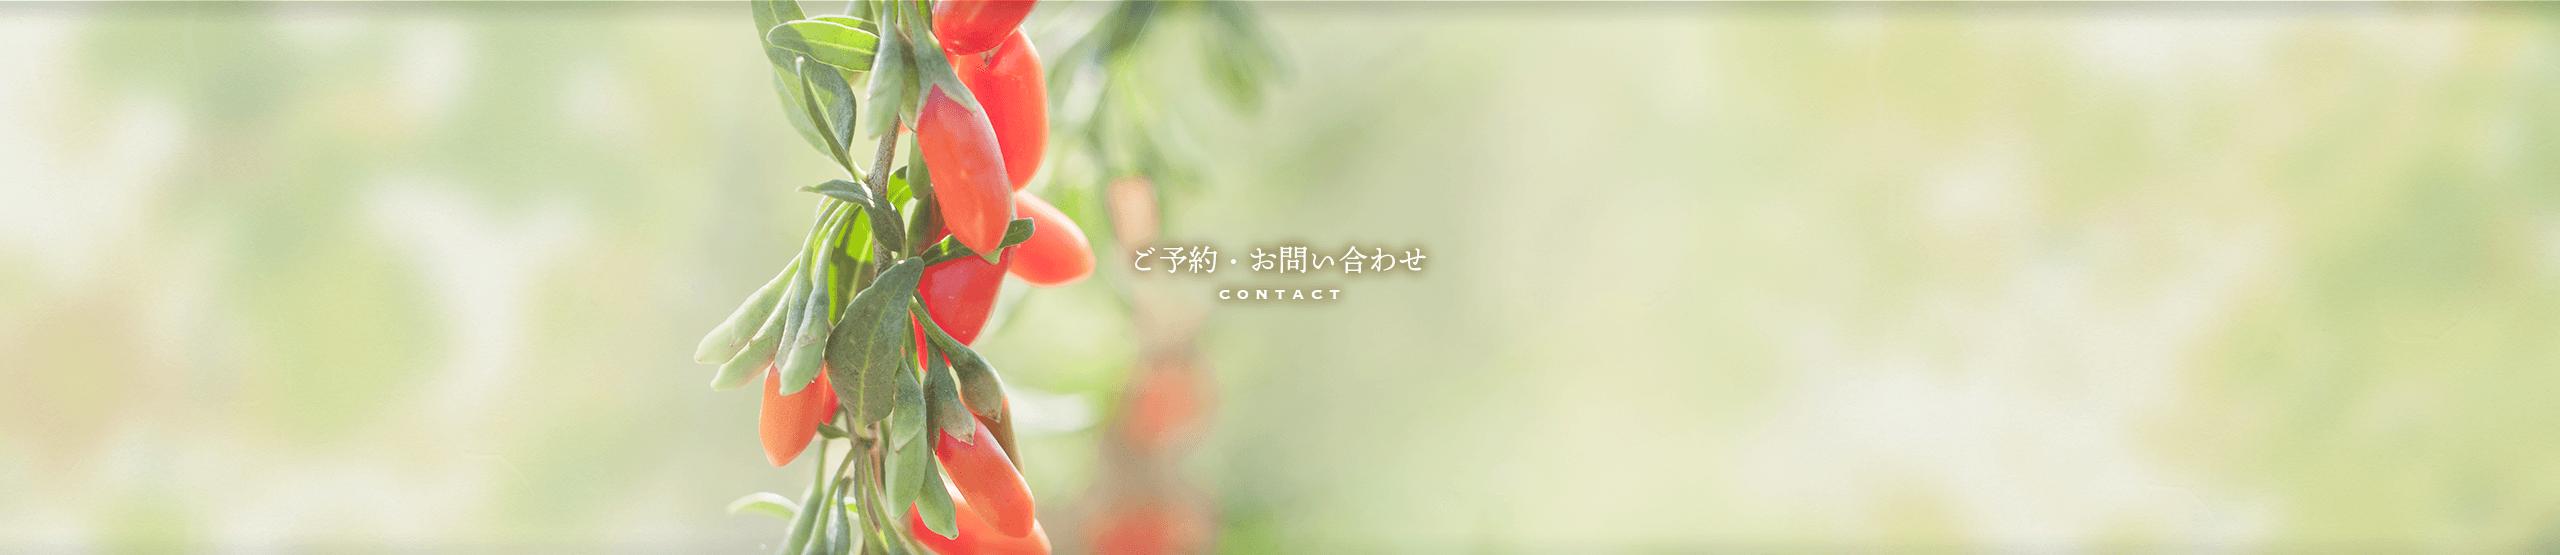 漢方についてのご質問・ご予約について   症状に合わせご予算内で処方する仙台杜の都の漢方薬局「運龍堂」